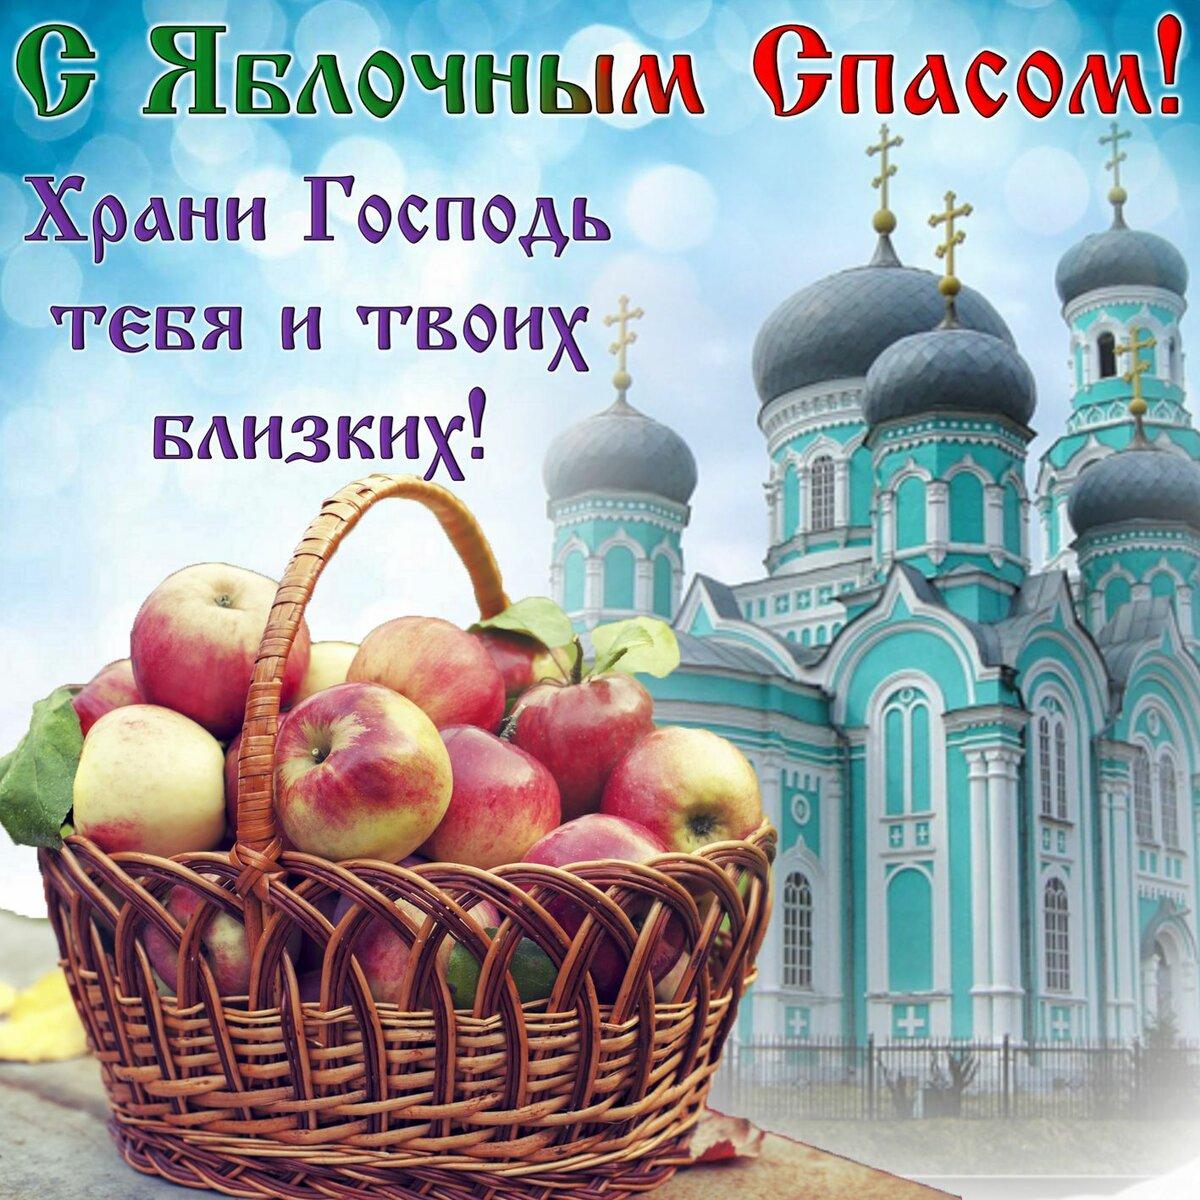 Яблочный спас открытки фото, днем рождения